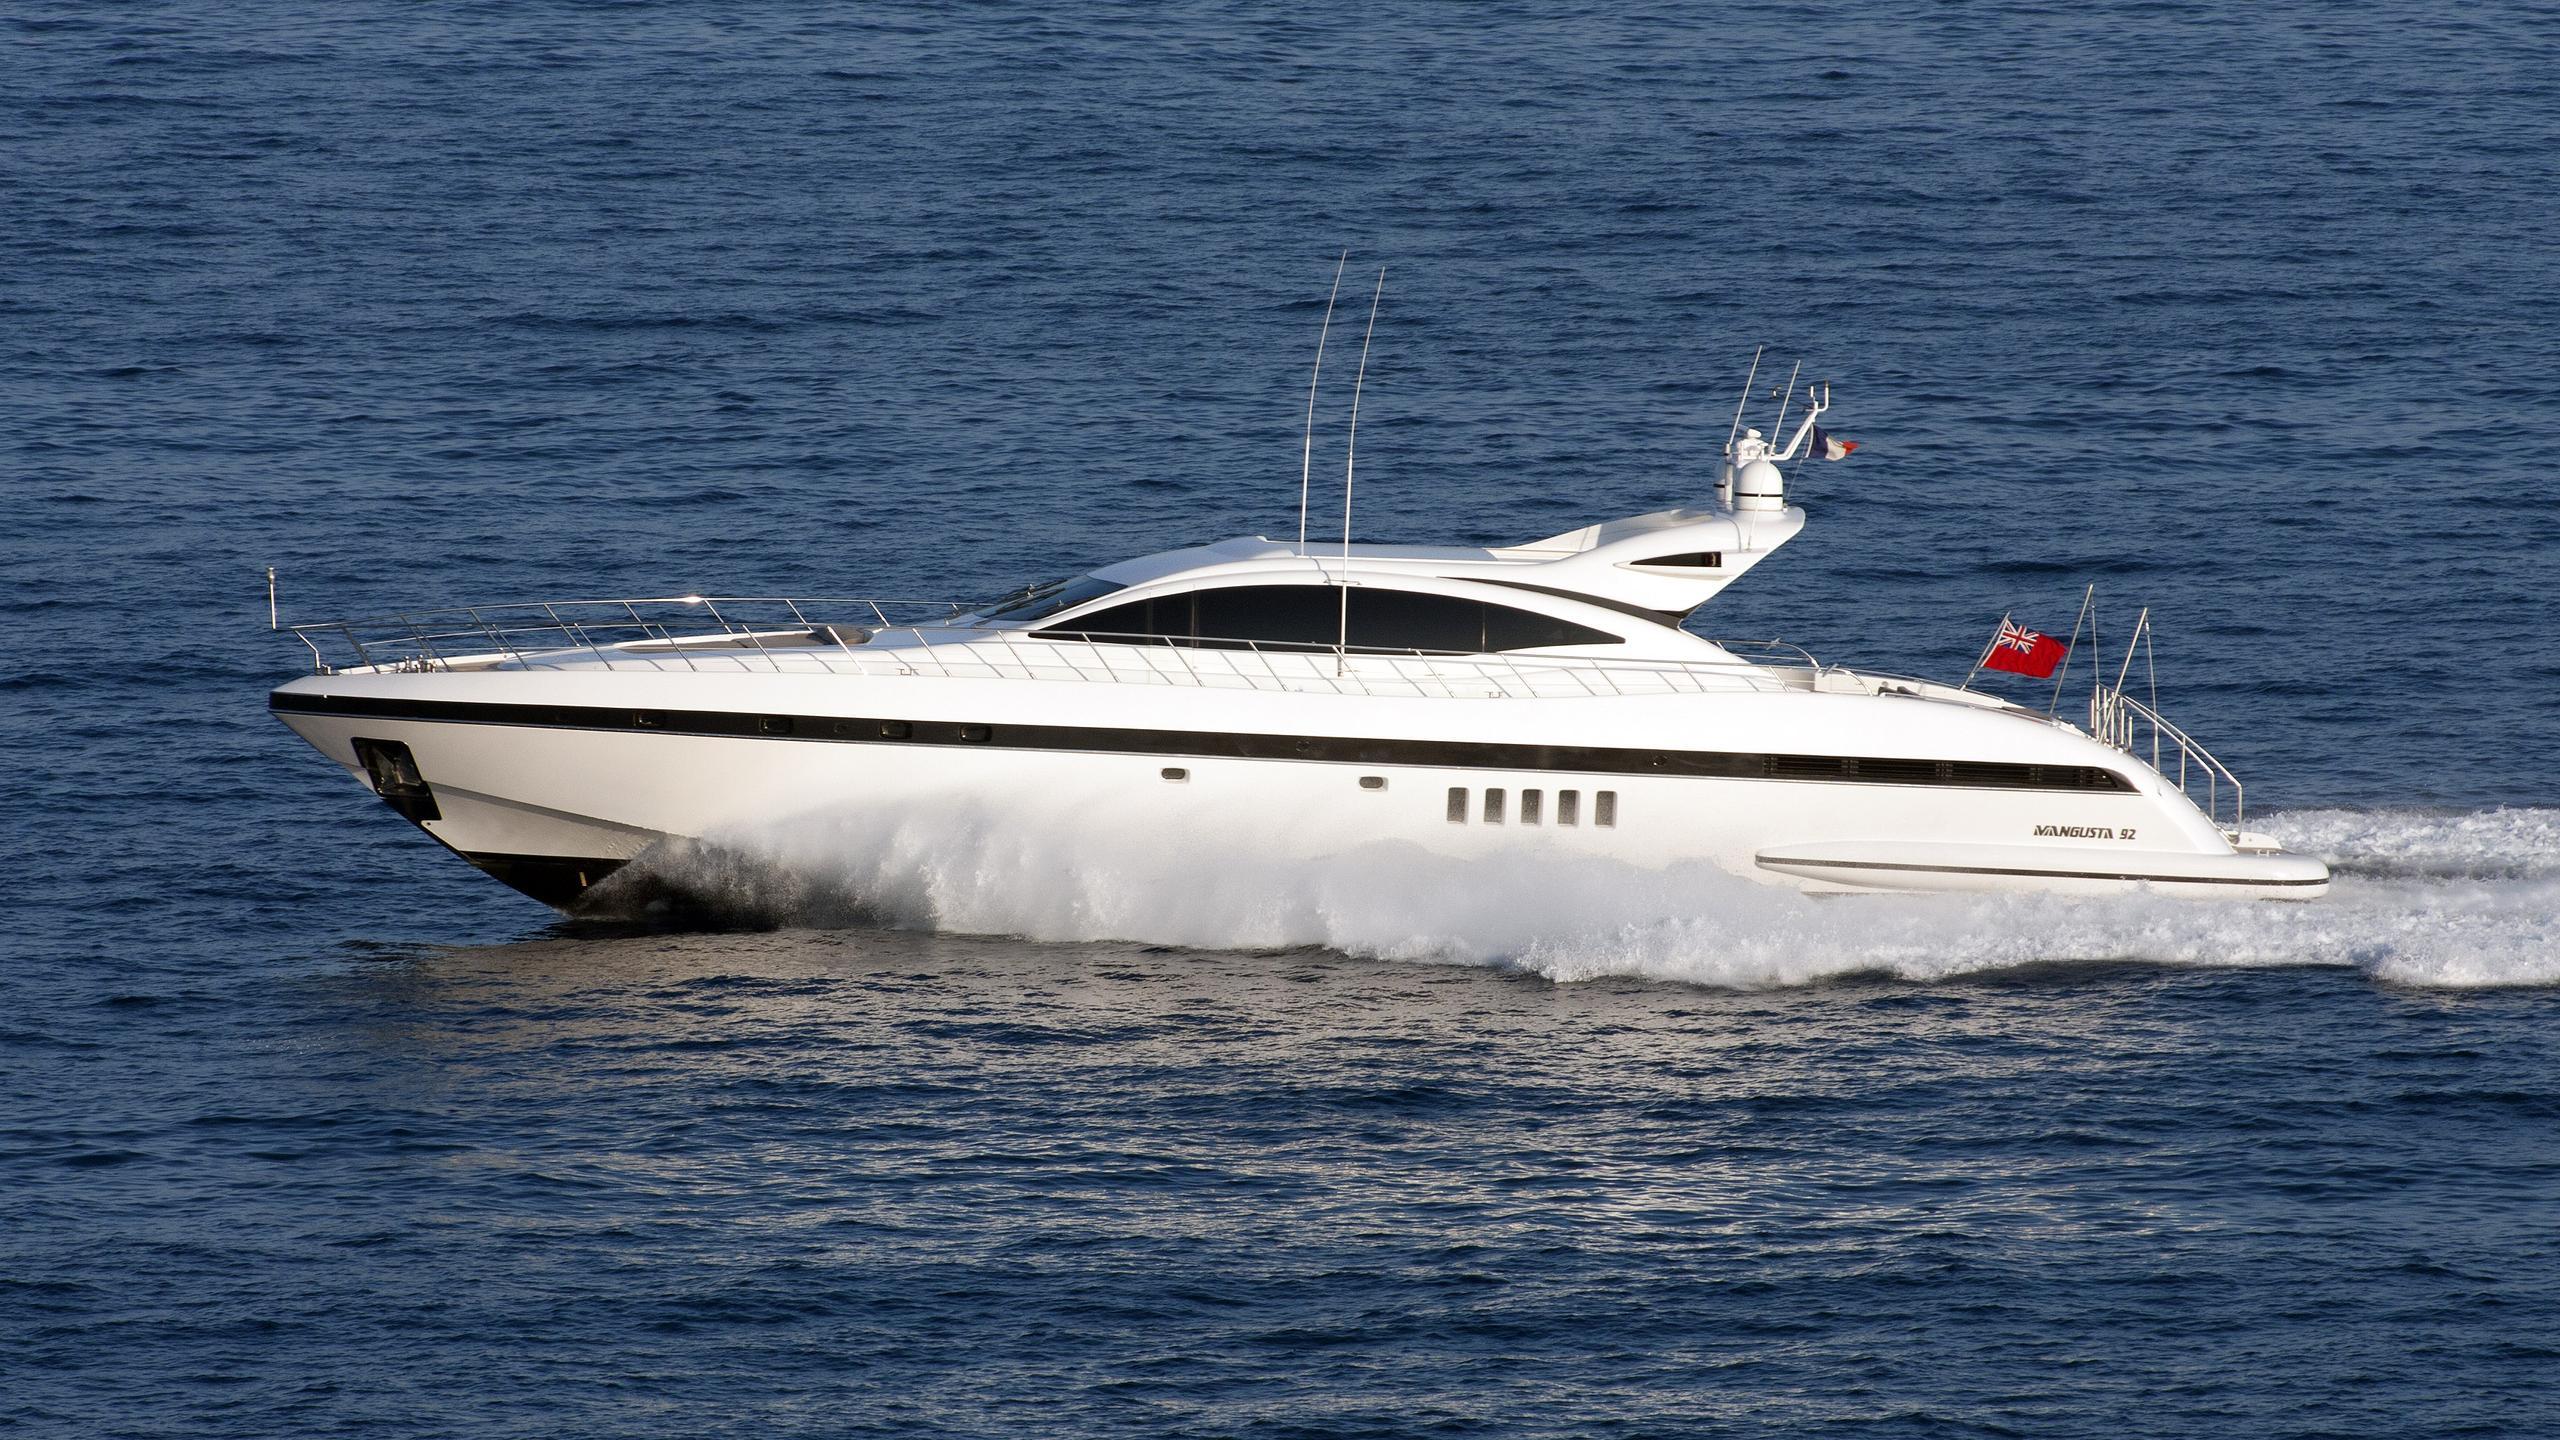 delhia-motoryacht-overmarine-mangusta-92-2003-28m-profile-running